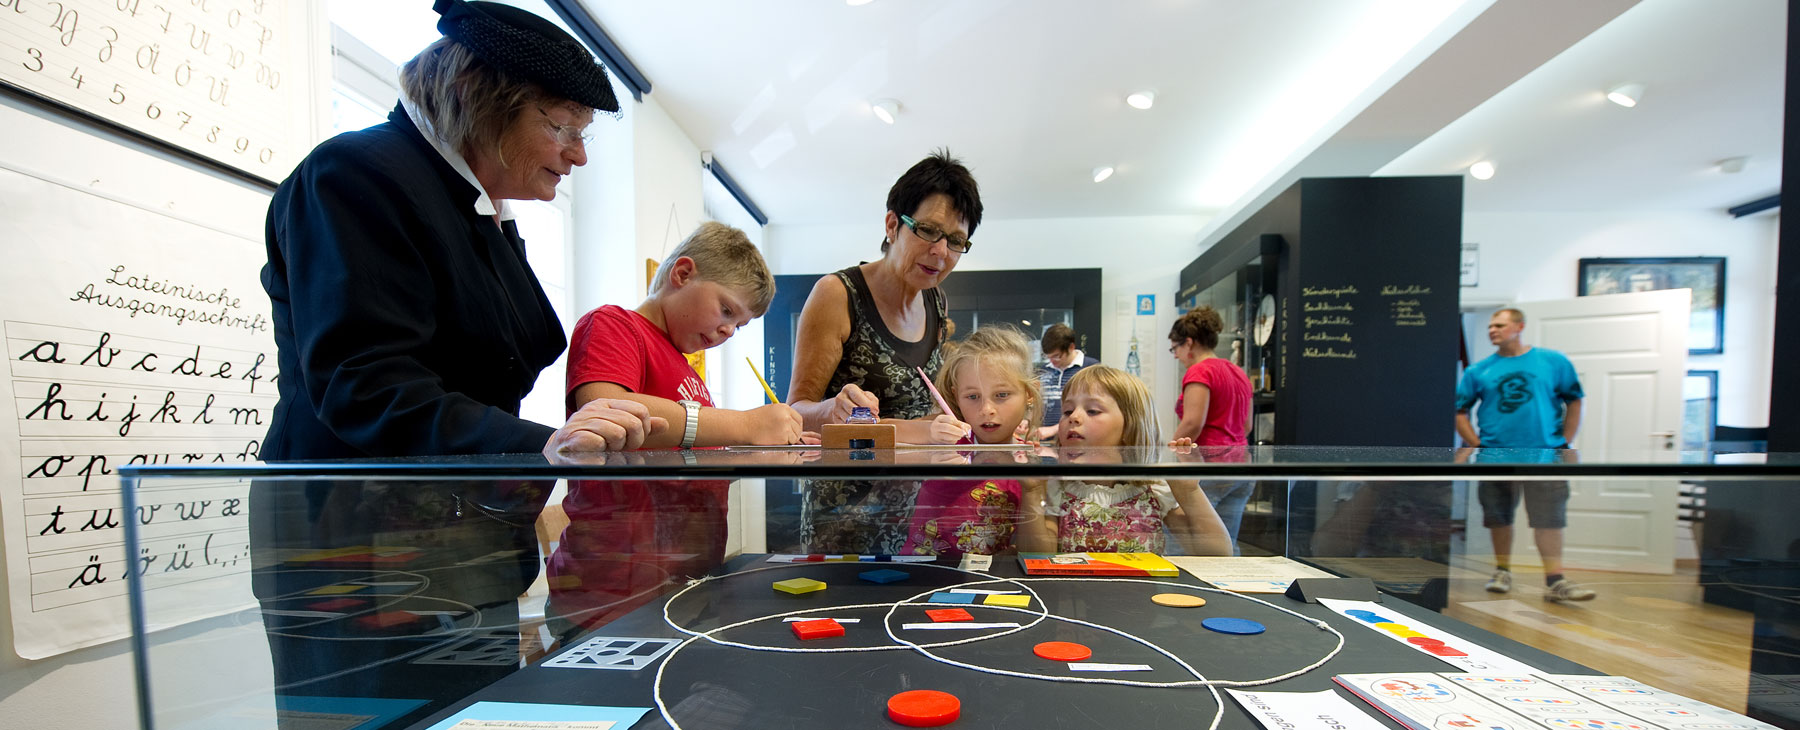 Entdecken Sie das Schulmuseum